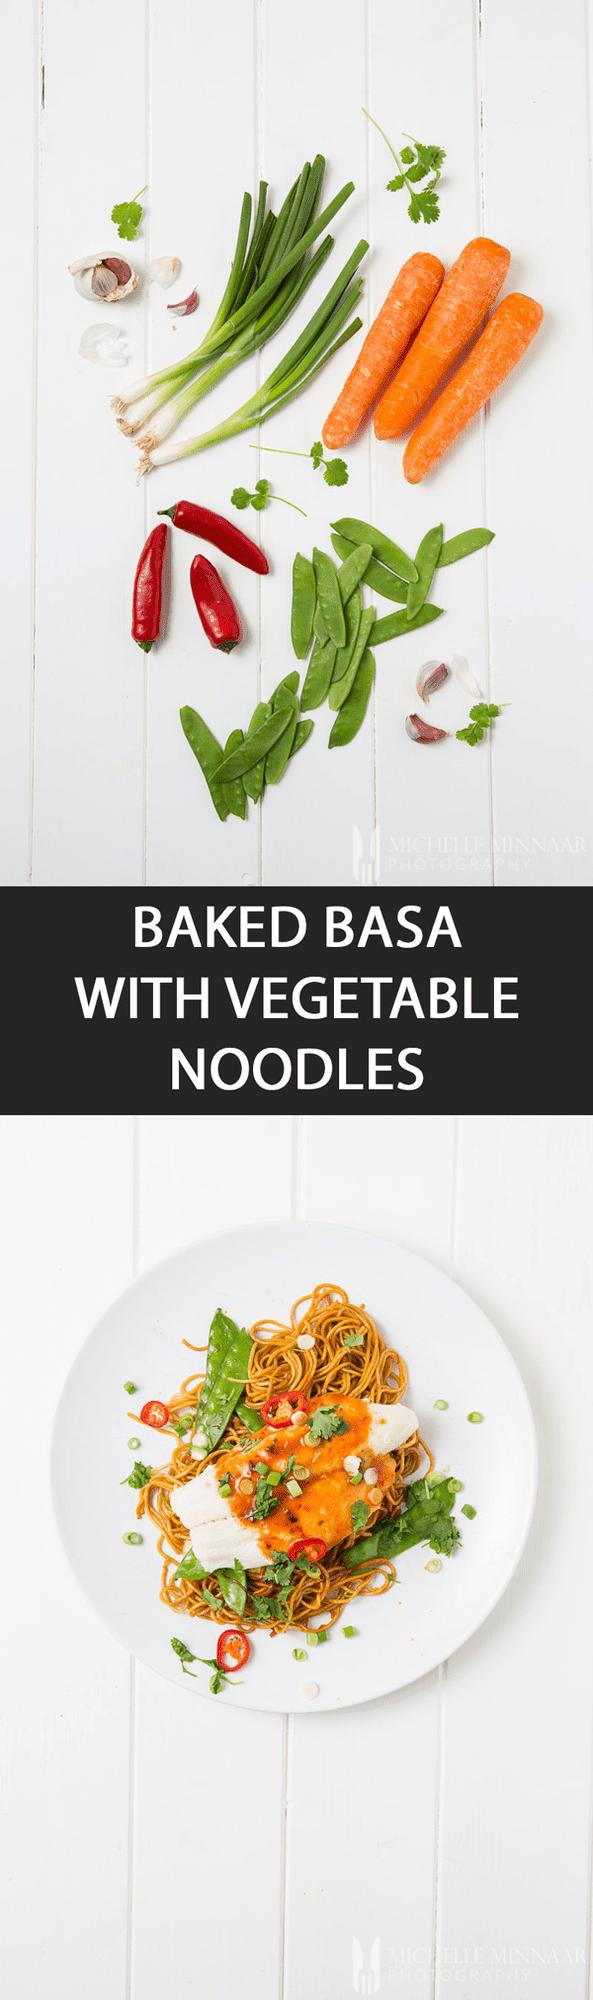 Baked Basa